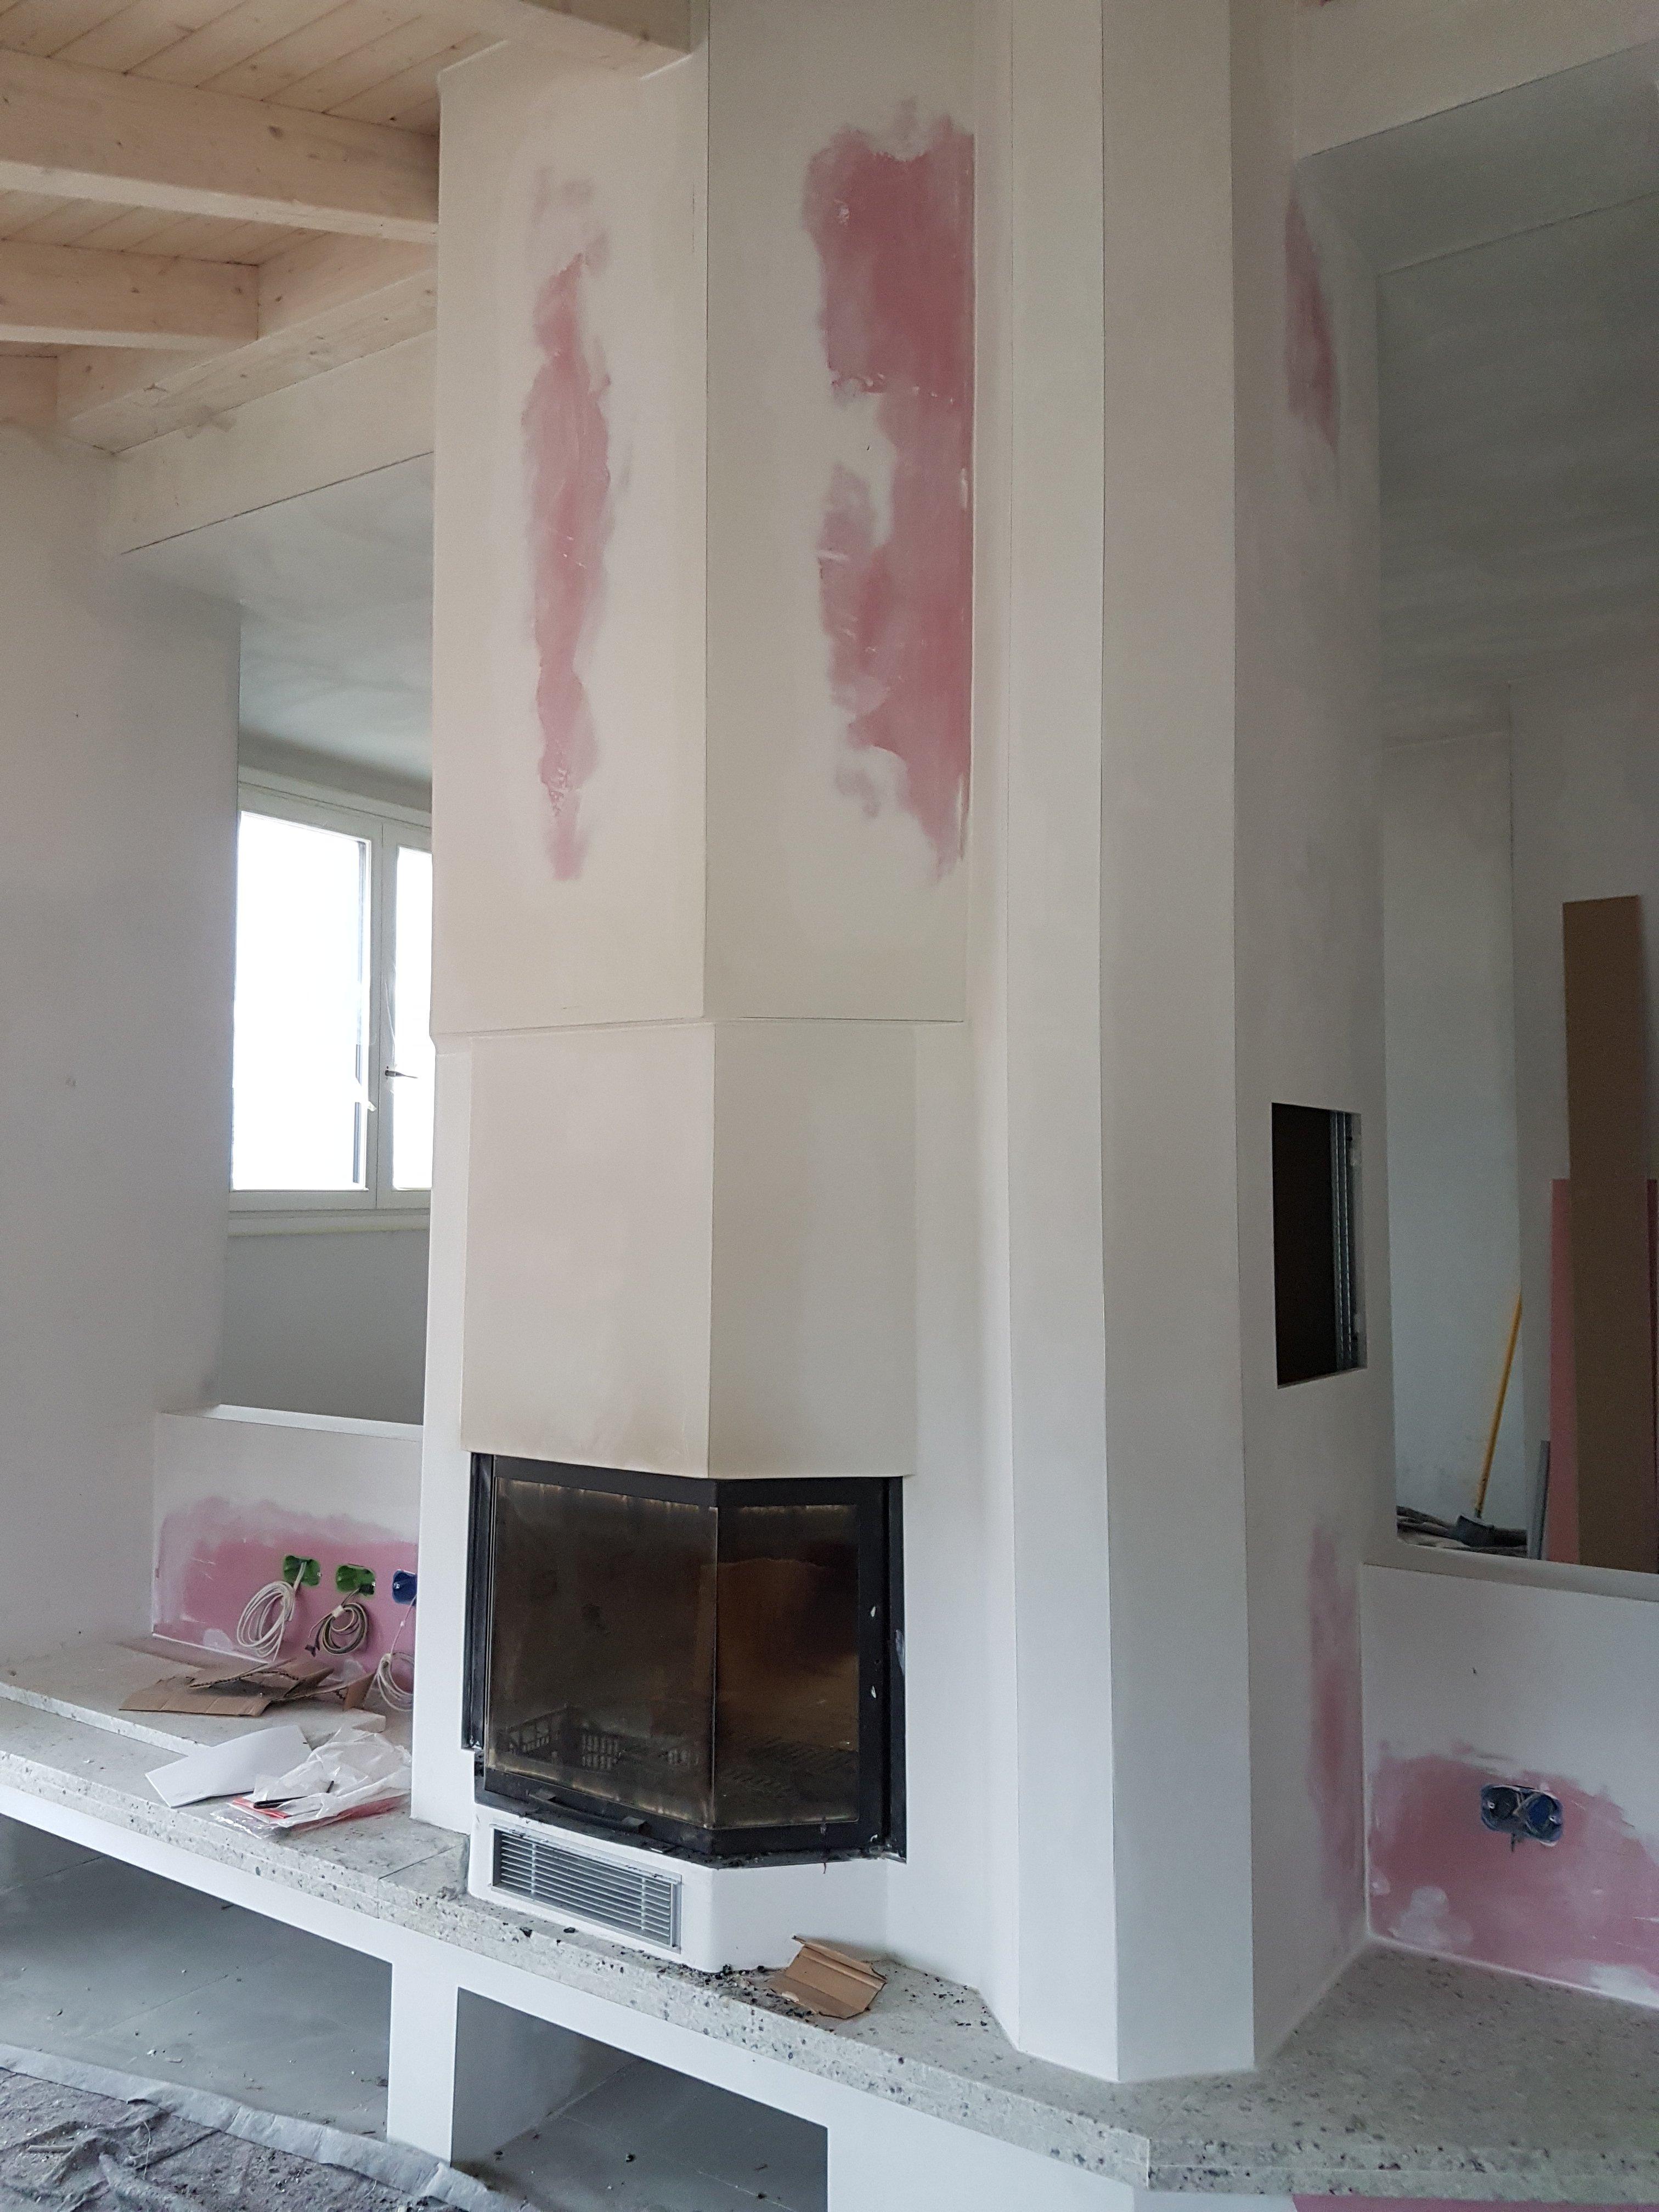 parete in cartongesso bianca con pennellate rosa